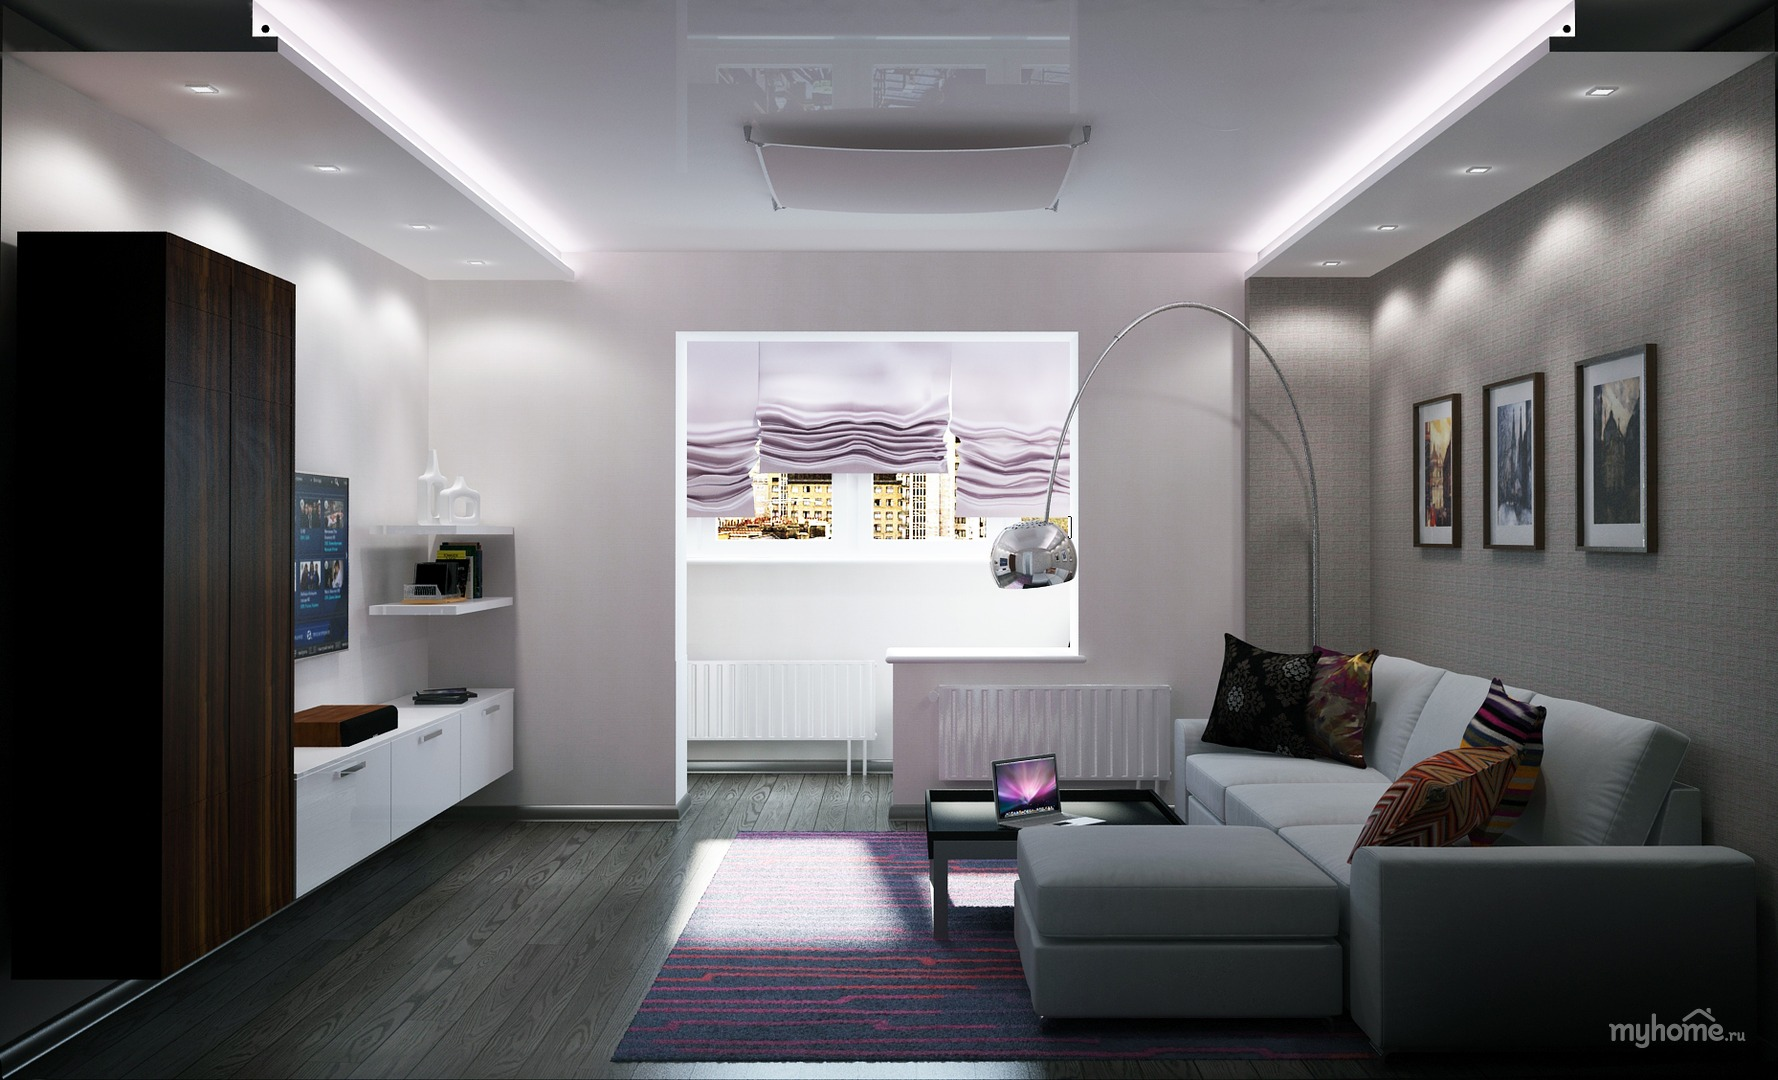 Гостиная в стиле хай-тек - фото и дизайн на vivbo.ru.